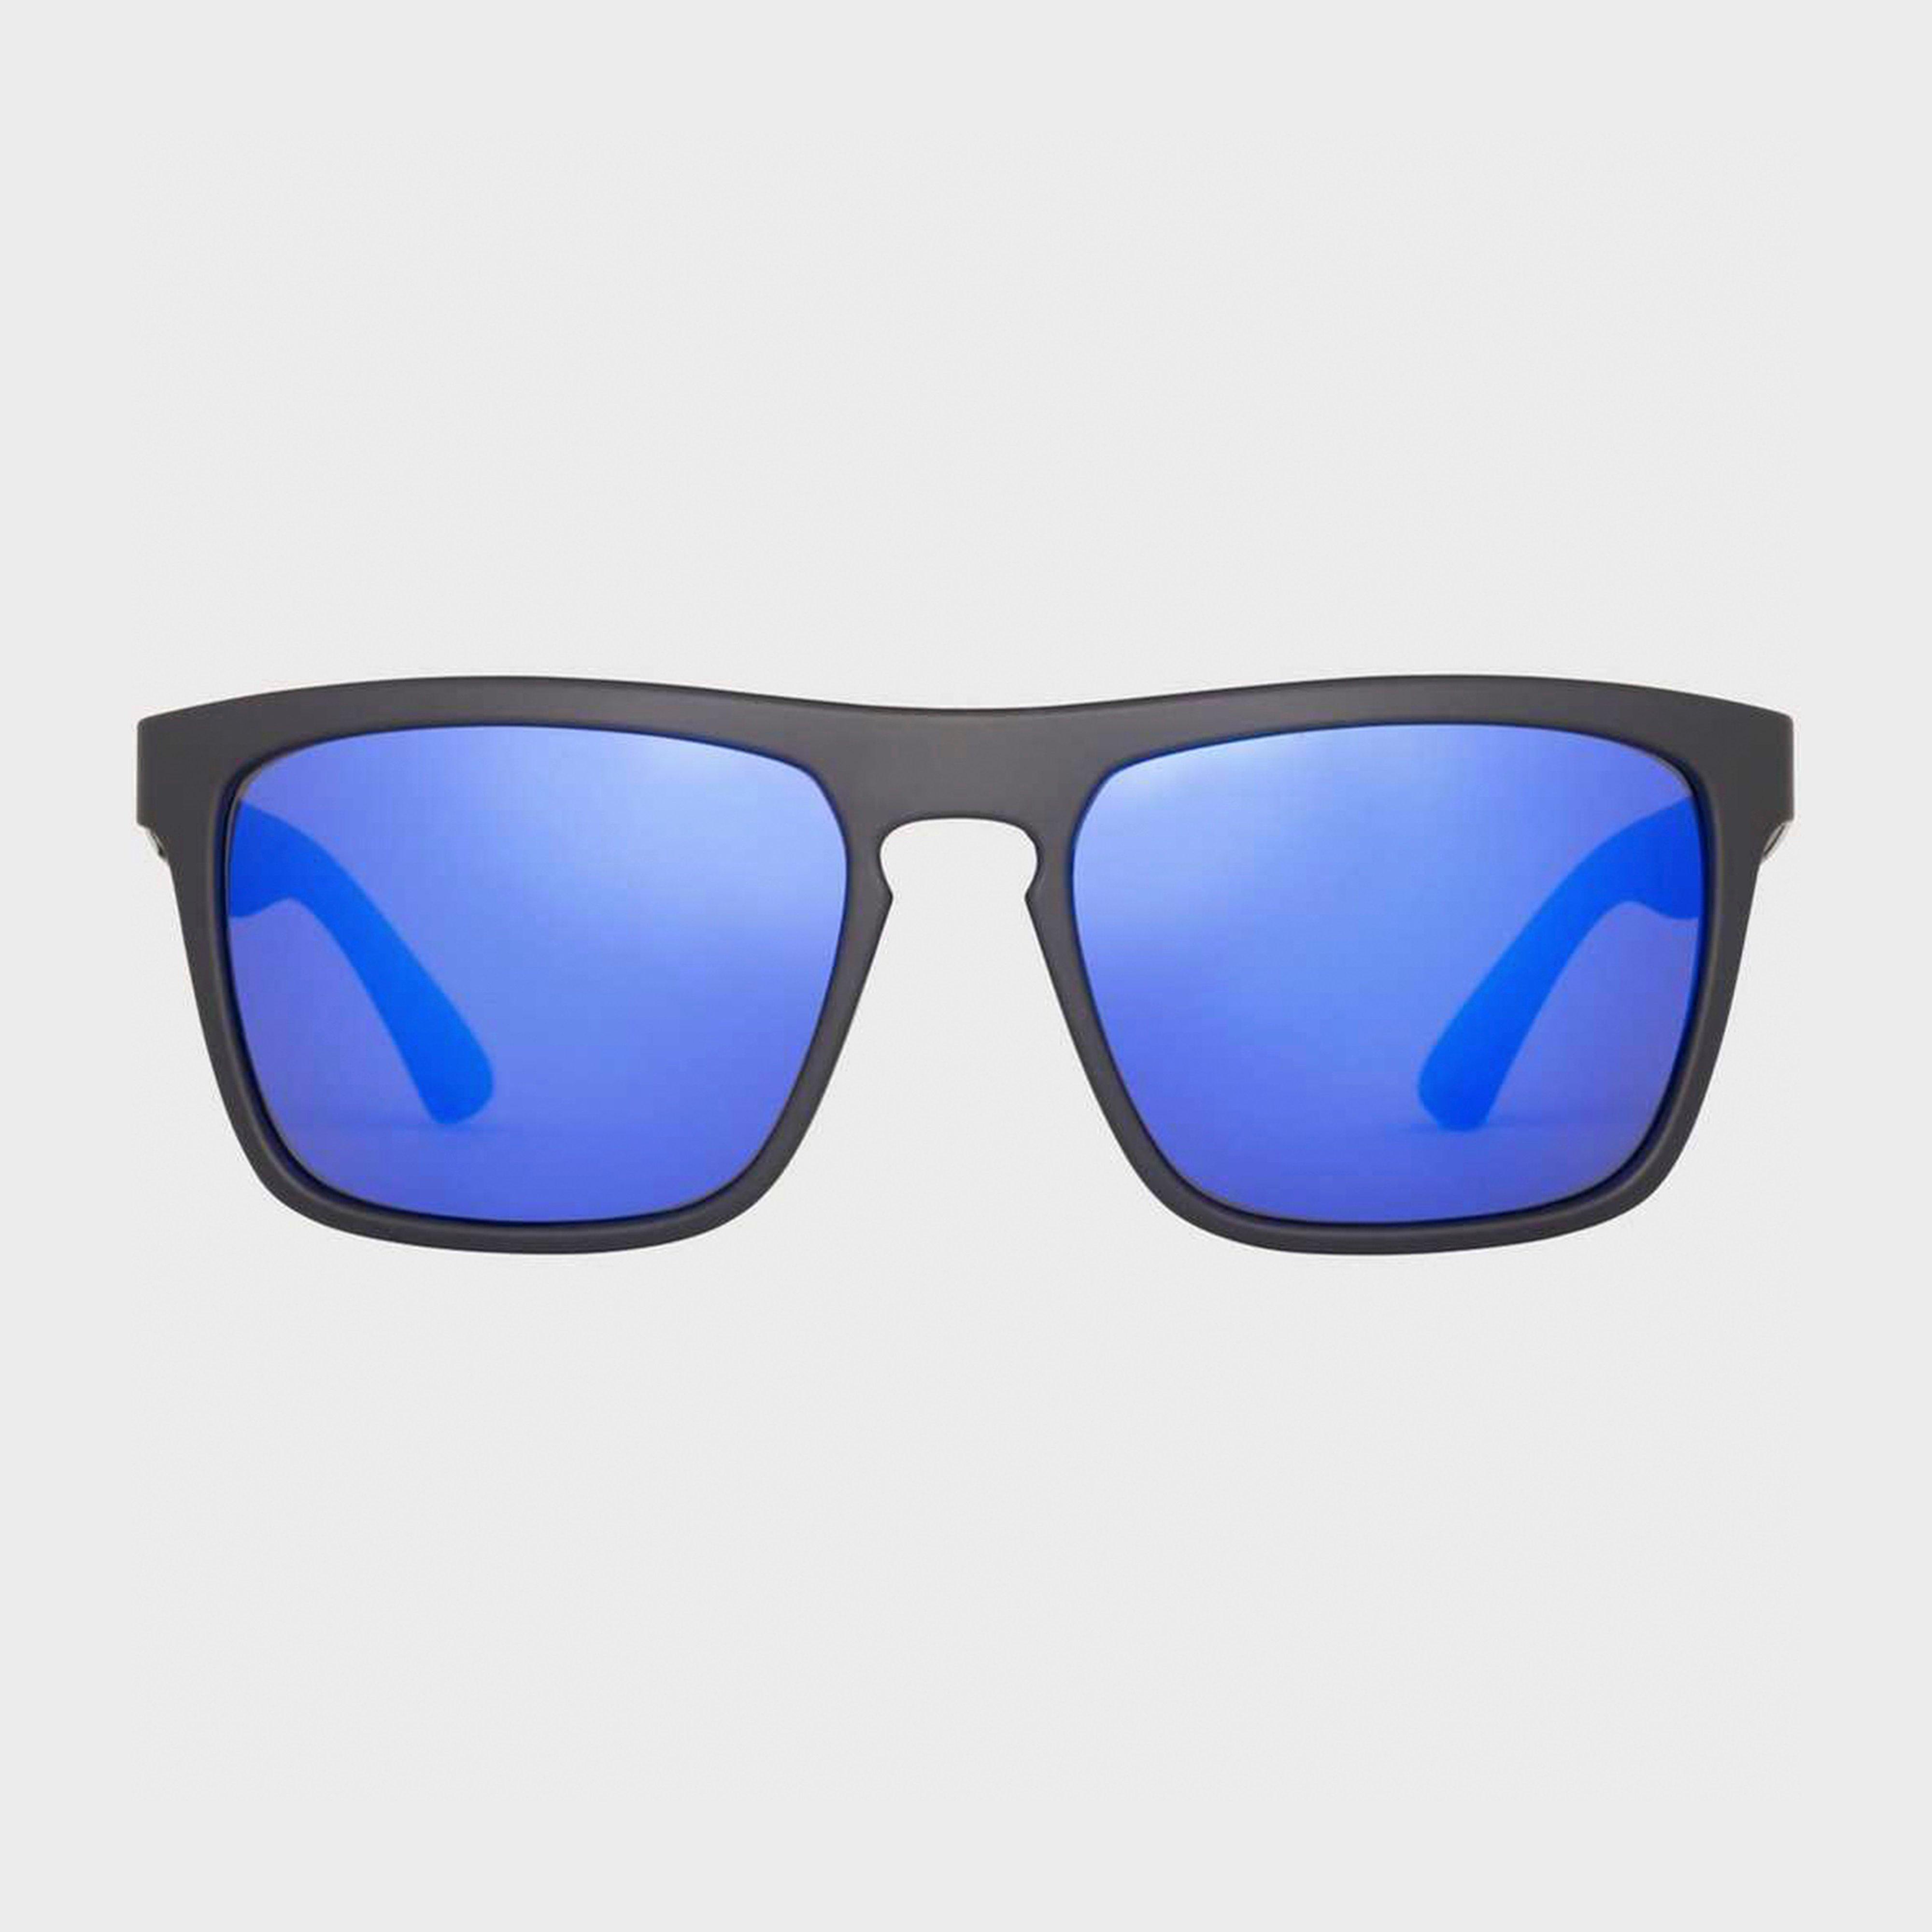 Sinner Sinner Thunder Sunglasses, Blue